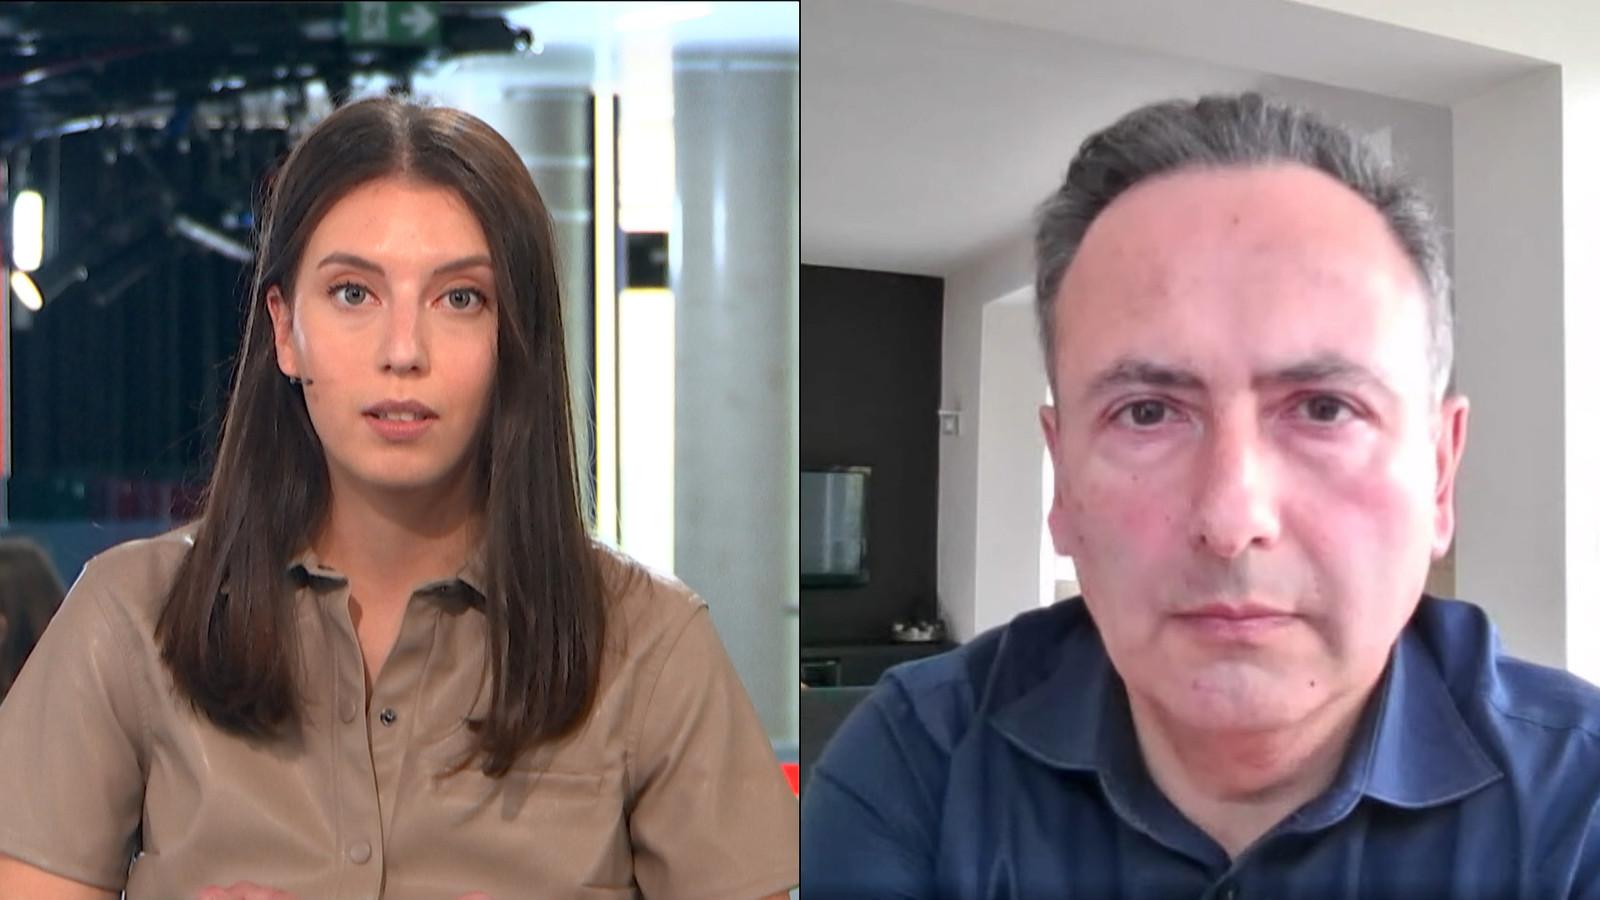 Terreurexpert Faroek Özgünes geeft duiding over de terreur in Frankrijk bij HLN LIVE.